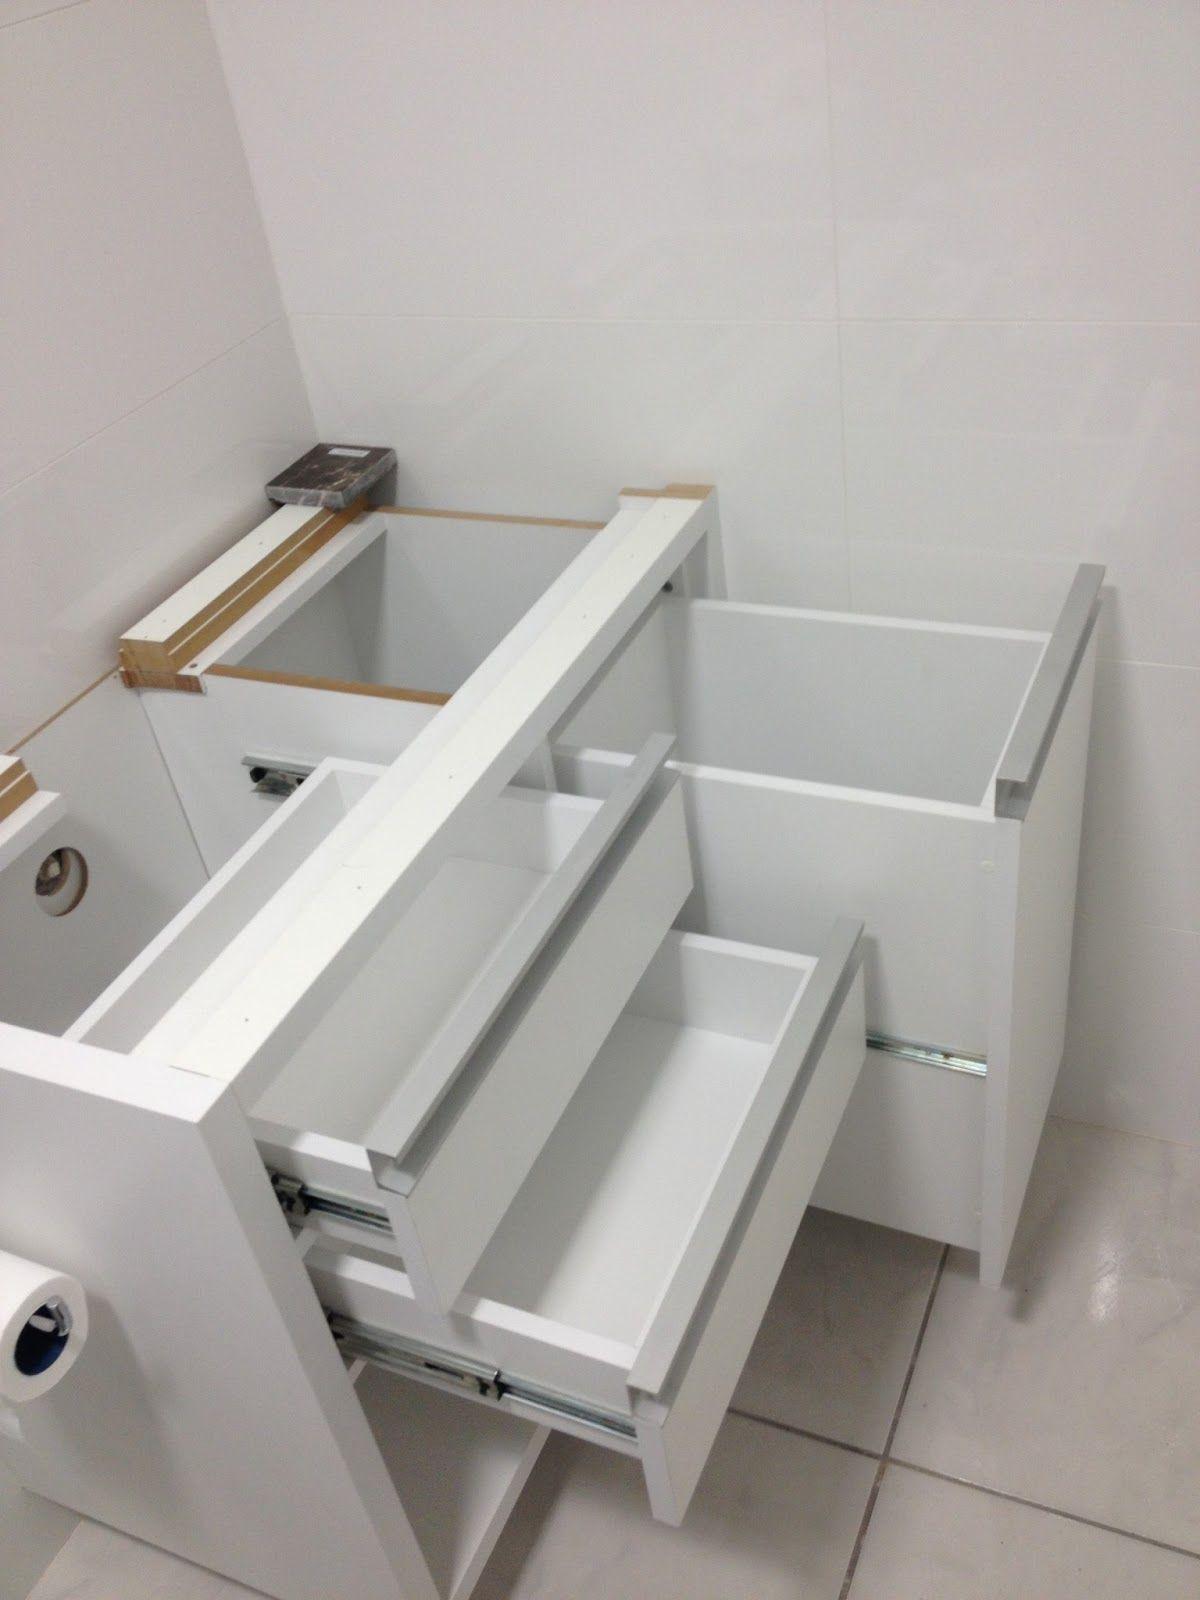 Cesto De Roupa Suja Embutido No Armario Do Banheiro Balc O Ilumina O Do Banheiro Reforma Quot Big Ap Cesto De Roupa Armario Banheiro Cesto De Roupa Suja